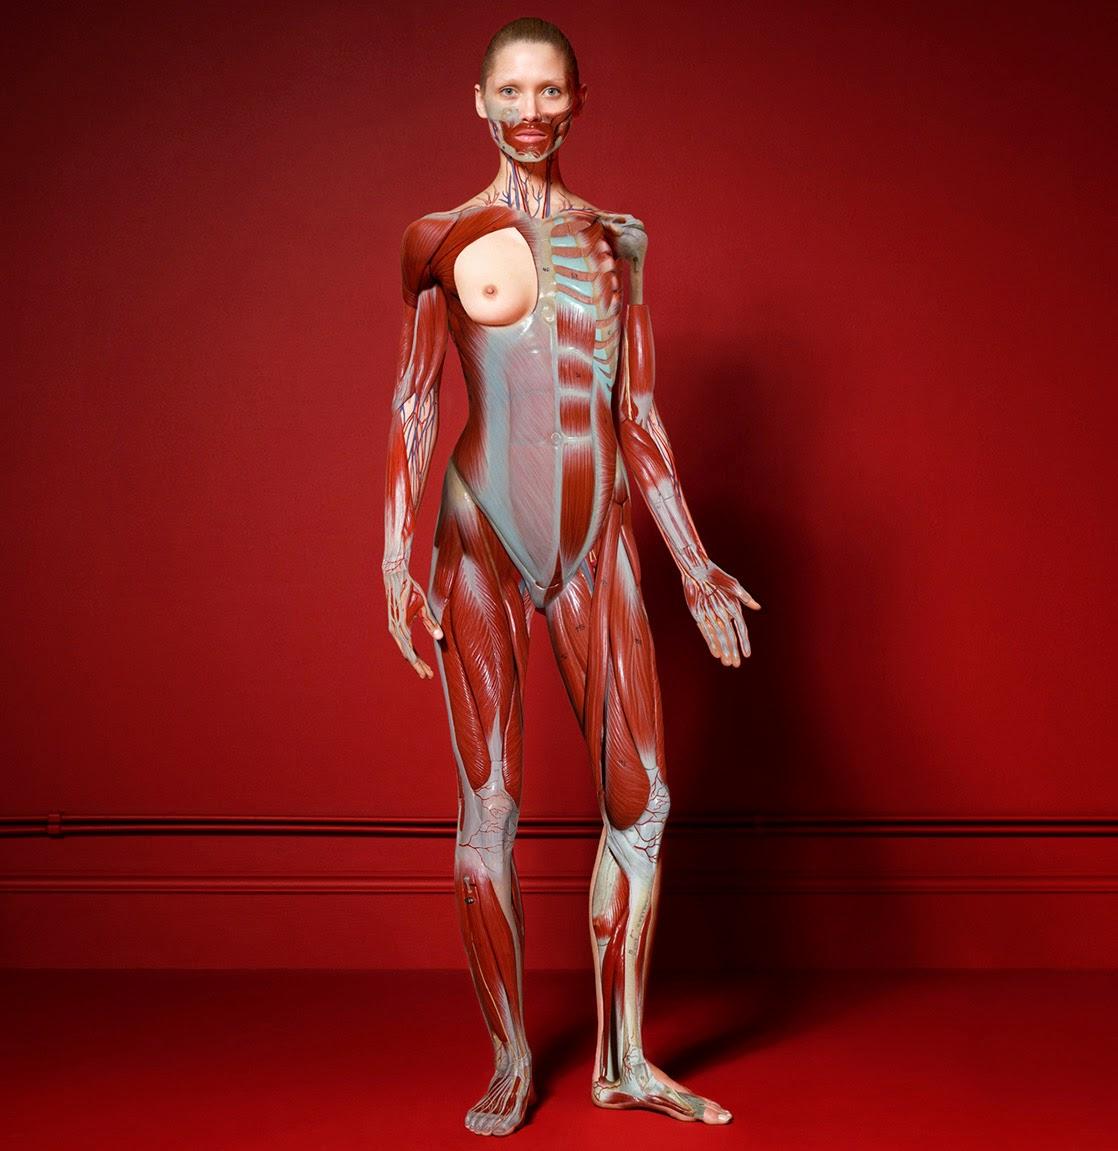 http://3.bp.blogspot.com/-YwAzei34Tcc/Uy1Csx-h0_I/AAAAAAAA1ng/DbmTZkgfjkc/s1600/%25C2%25A9Cuneyt+Akeroglu+-+The+Red+Room+Project-005.jpg